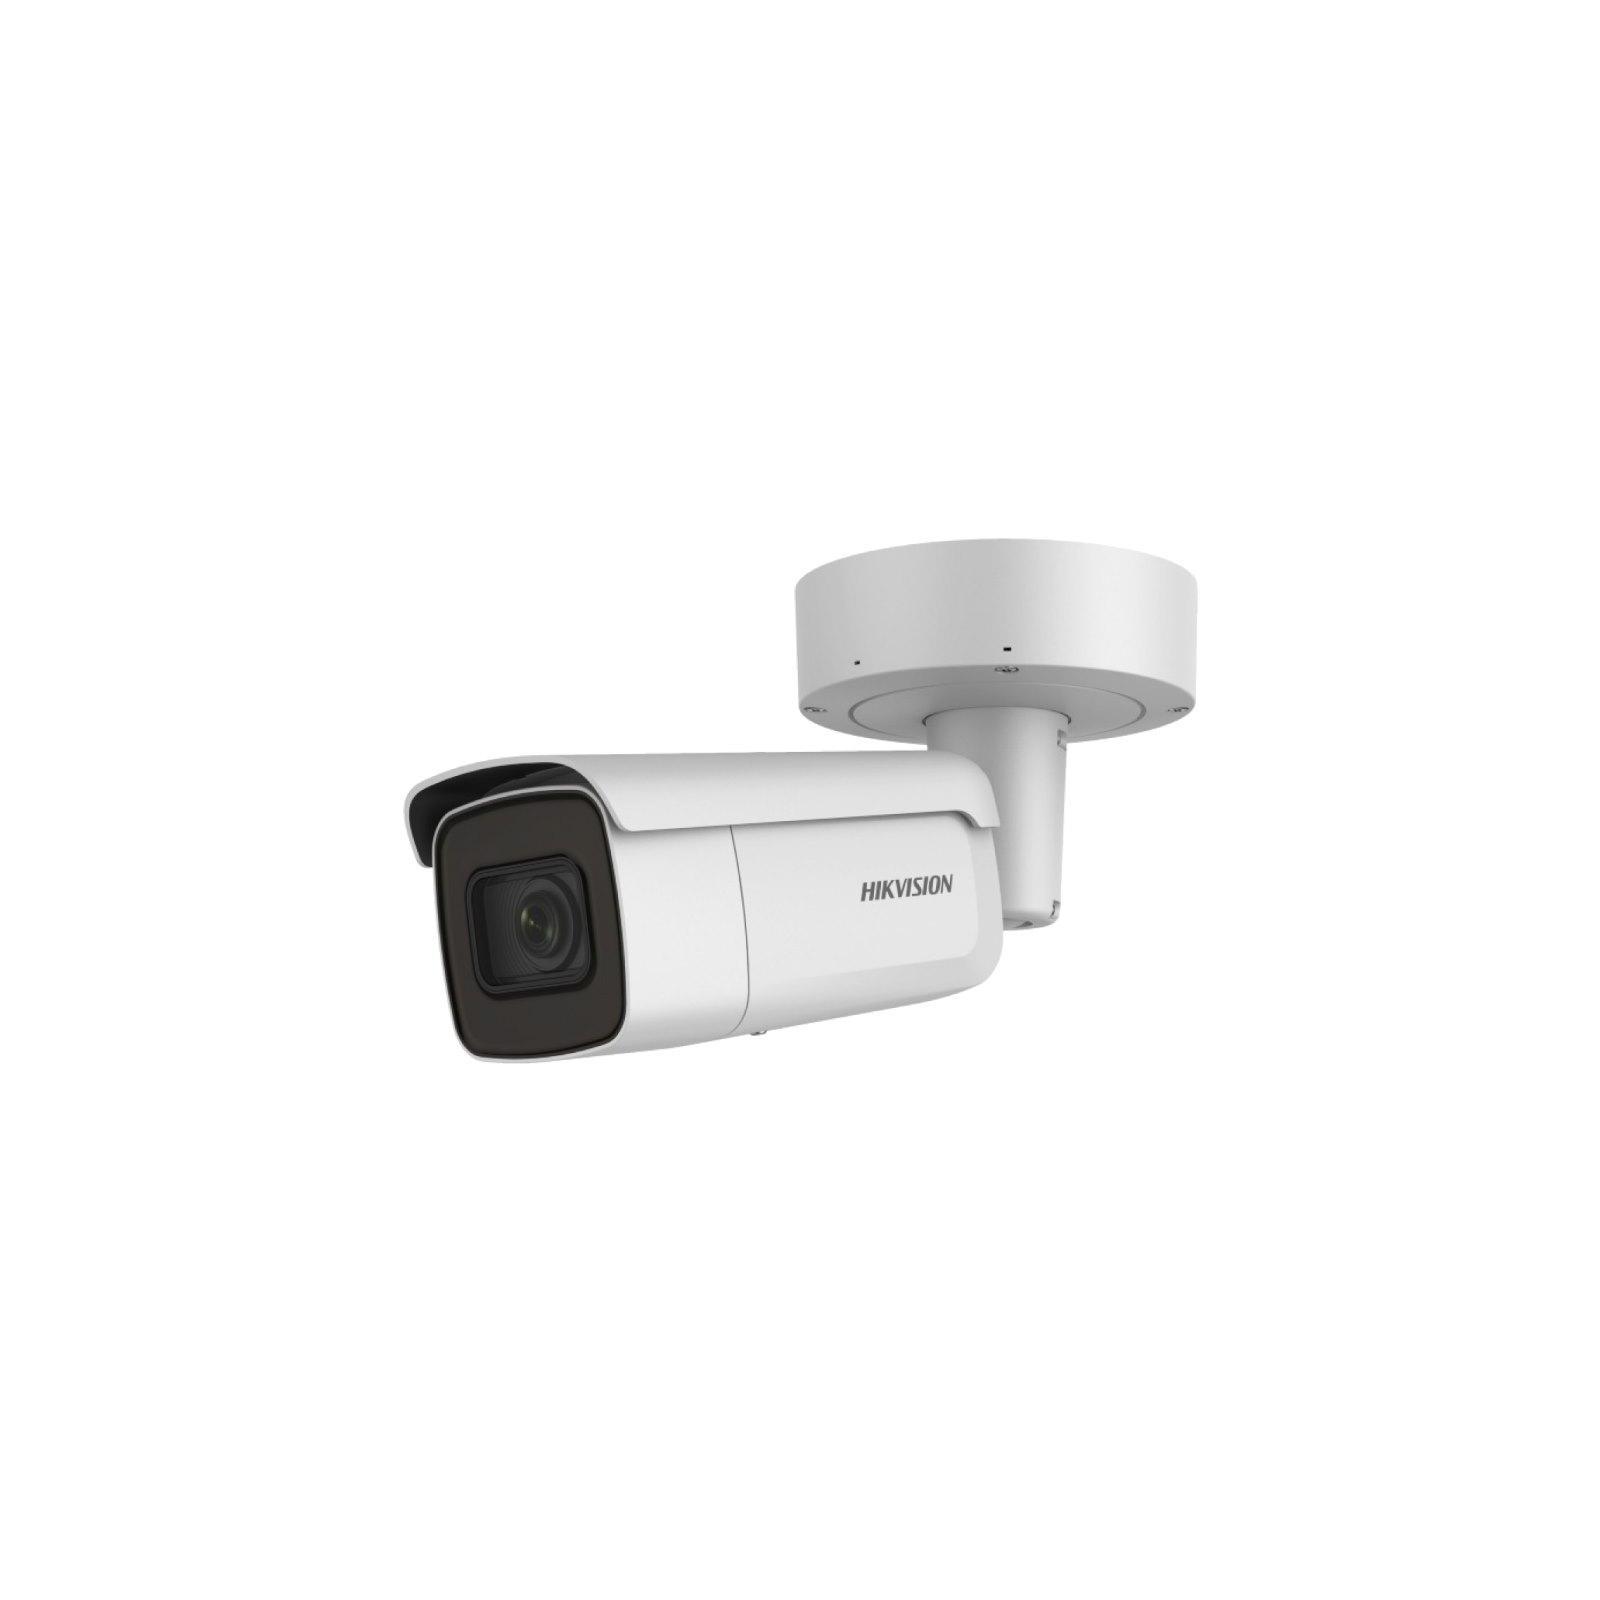 Камера видеонаблюдения Hikvision DS-2CD2655FWD-IZS (2.8-12) изображение 3